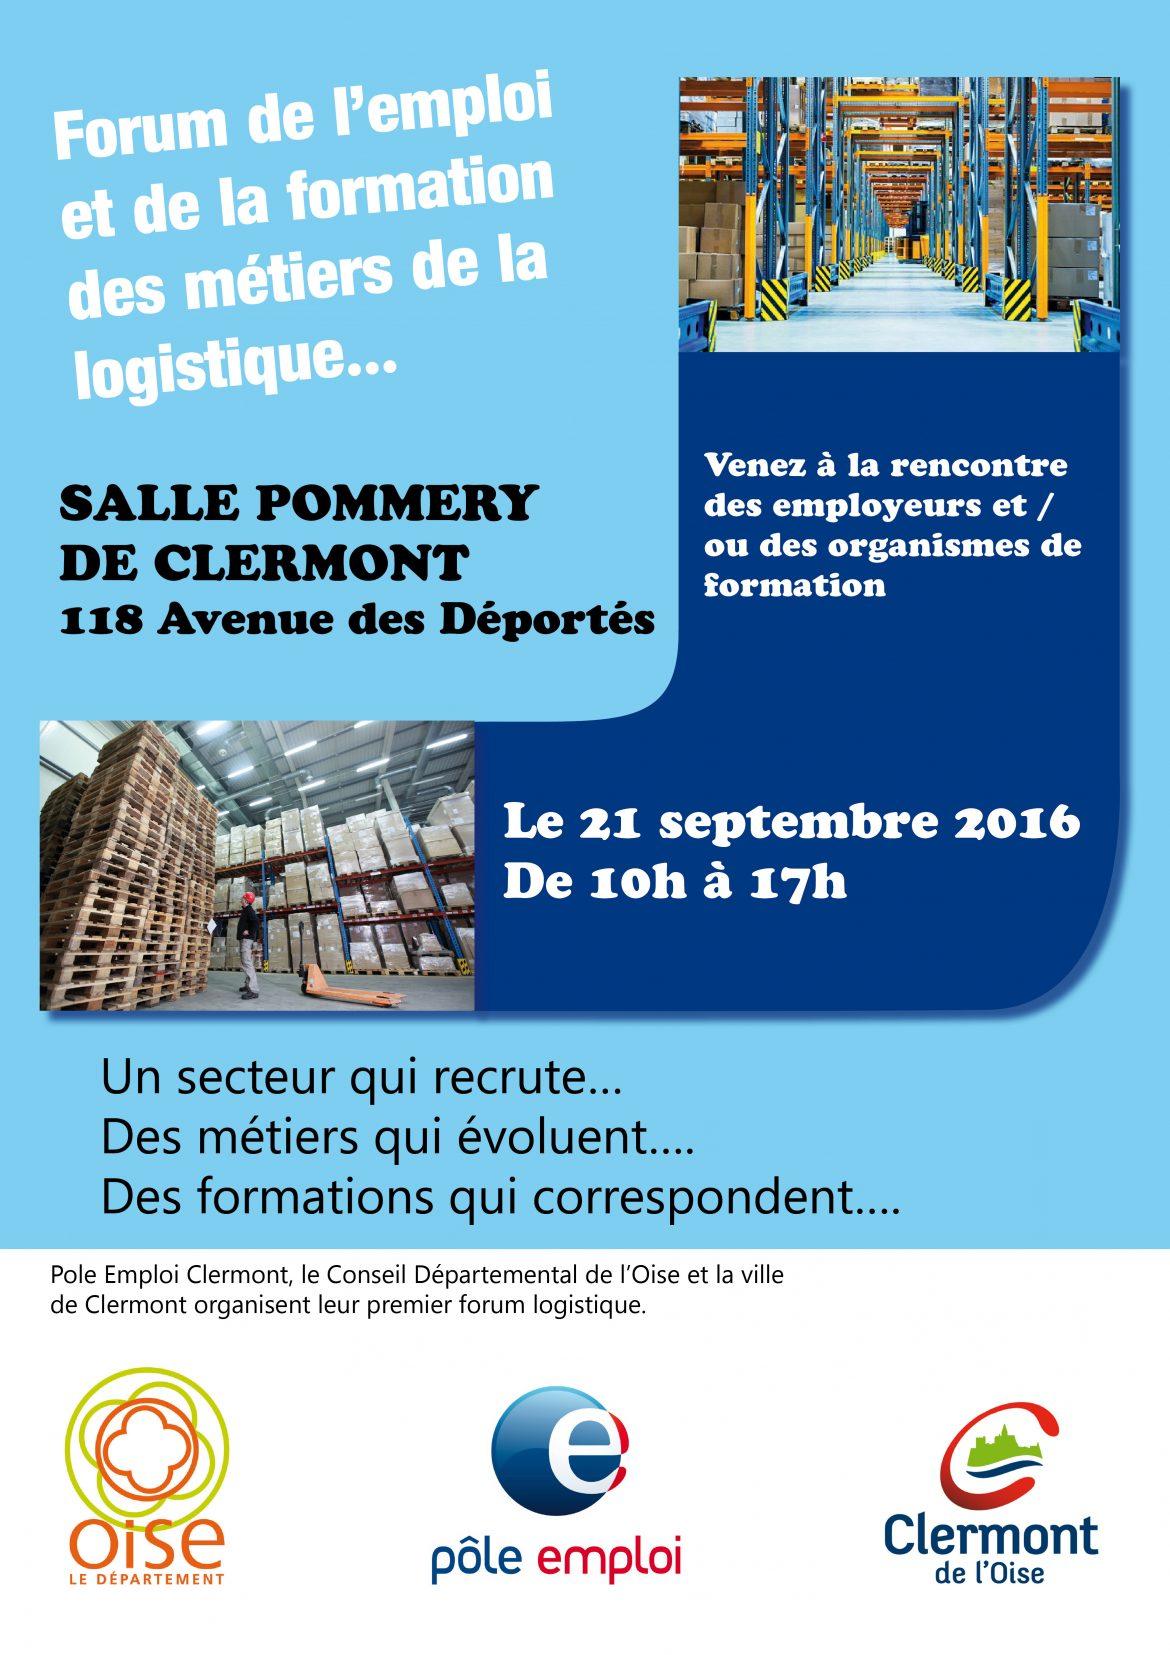 Forum de l'emploi et de la formation des métiers de la logistique, mercredi 21 septembre 2016, 10h à 17h, Salle des Fêtes André Pommery.